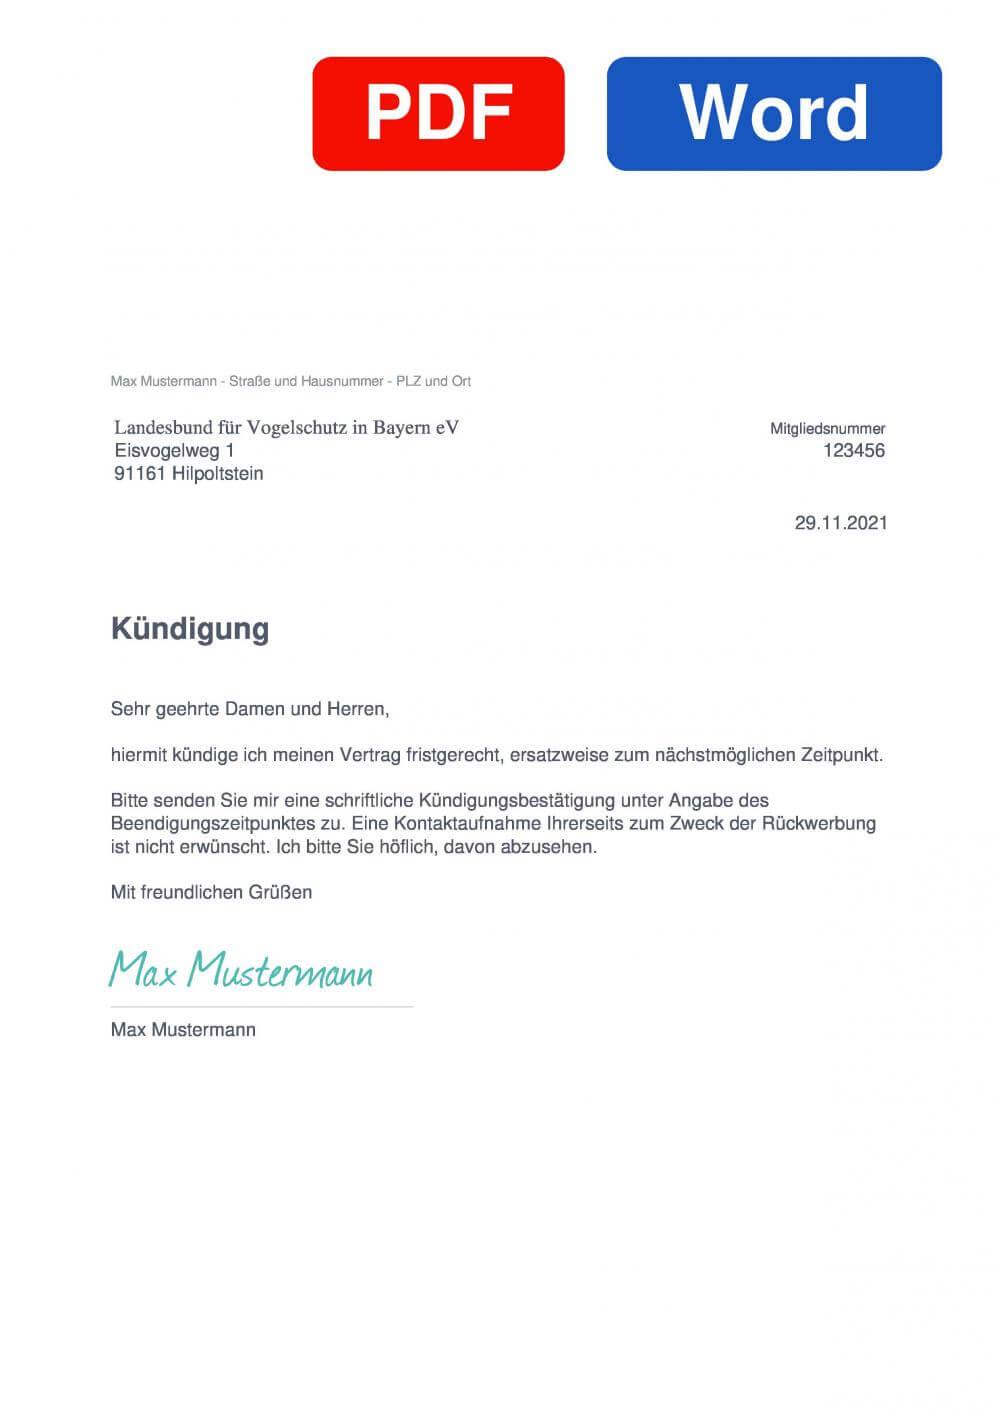 LBV Muster Vorlage für Kündigungsschreiben